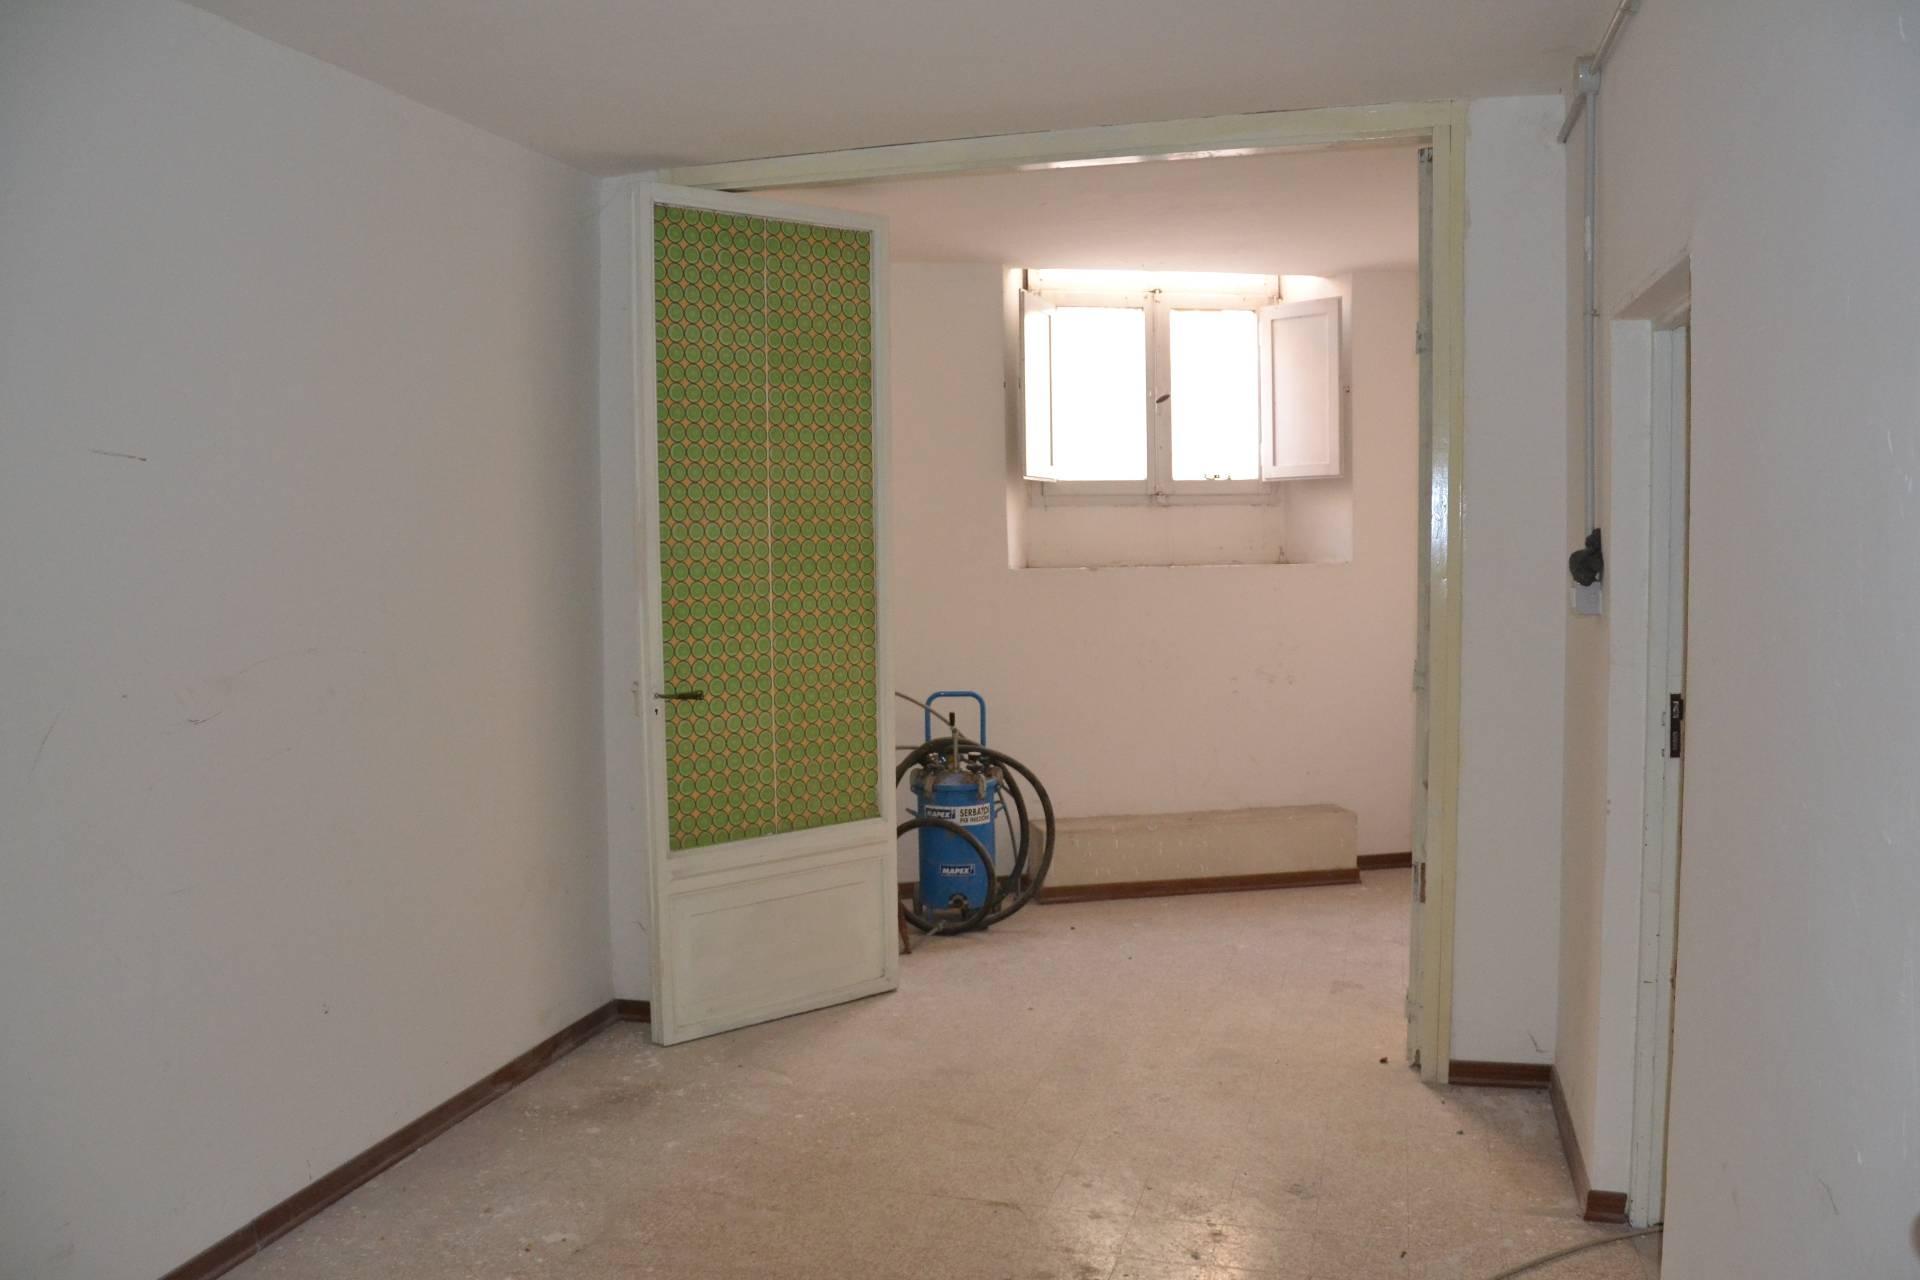 Ufficio / Studio in vendita a Fabriano, 9999 locali, zona Località: CENTROSTORICO, Trattative riservate | CambioCasa.it